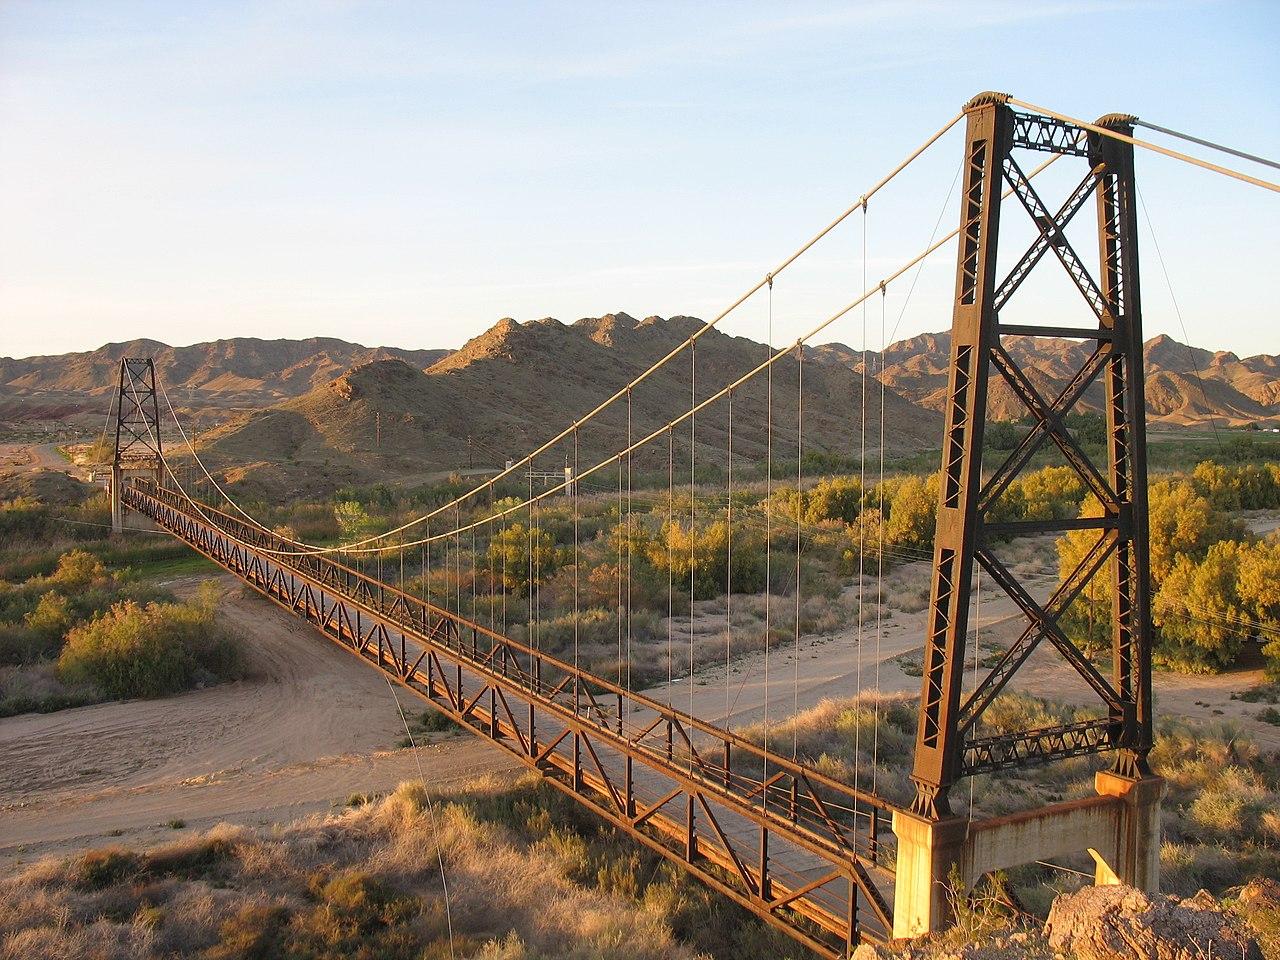 1280px-McPhaul_Suspension_Bridge.jpg